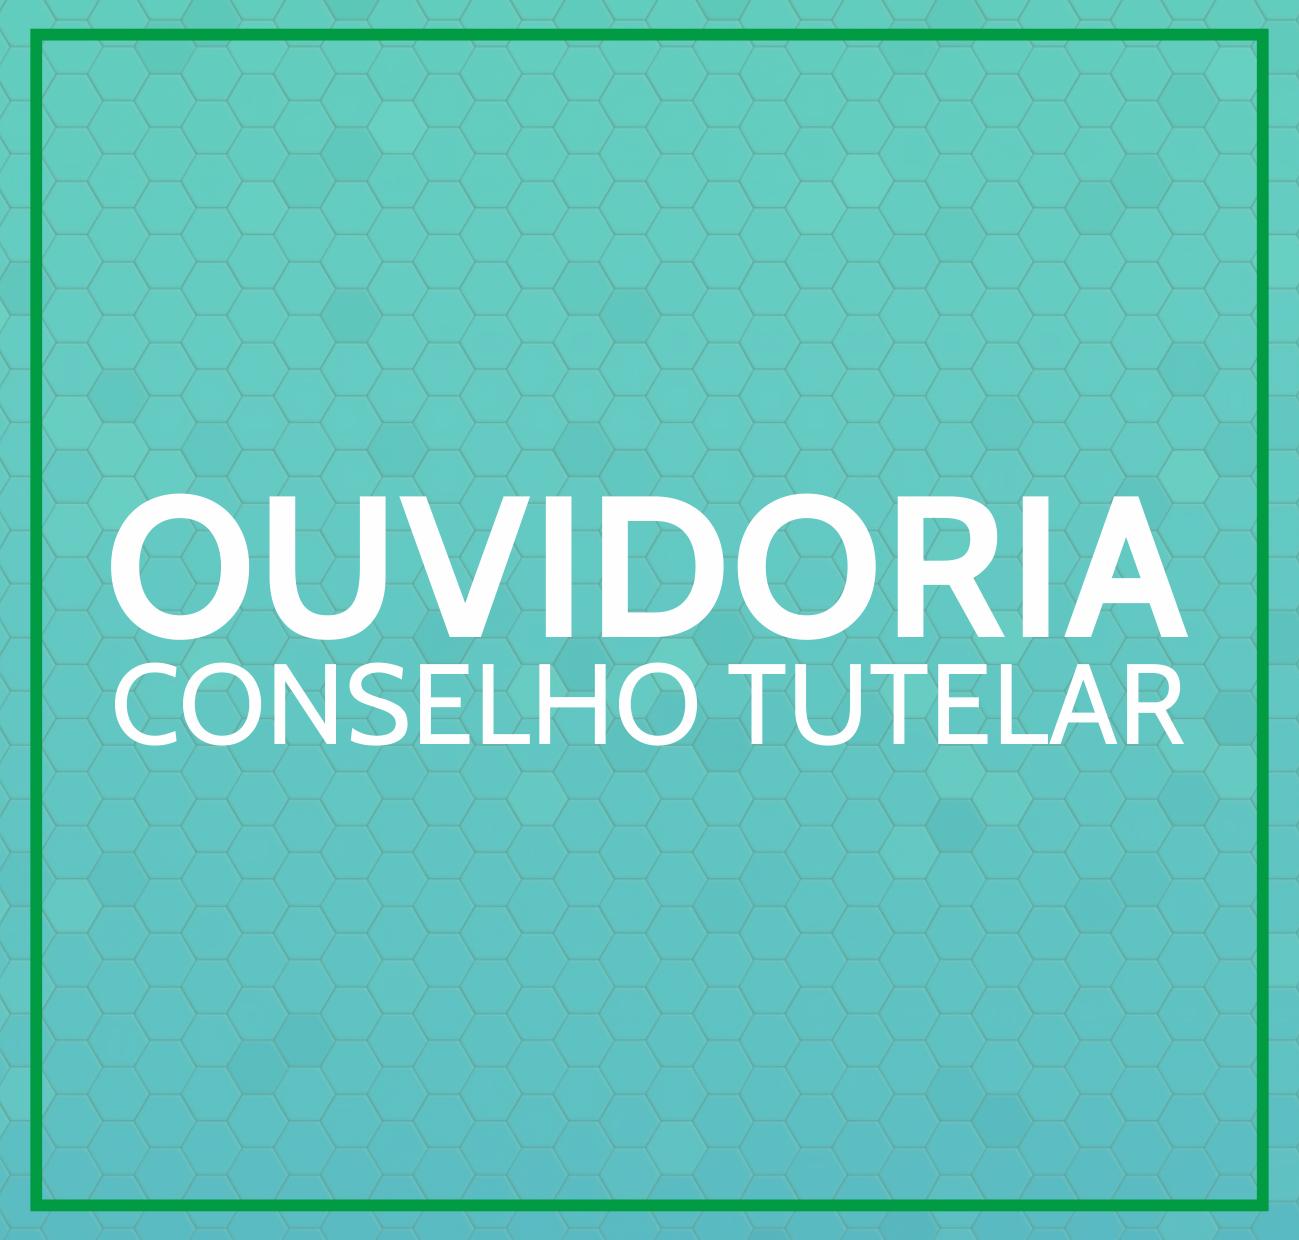 OUVIDORIA CONSELHO TUTELAR